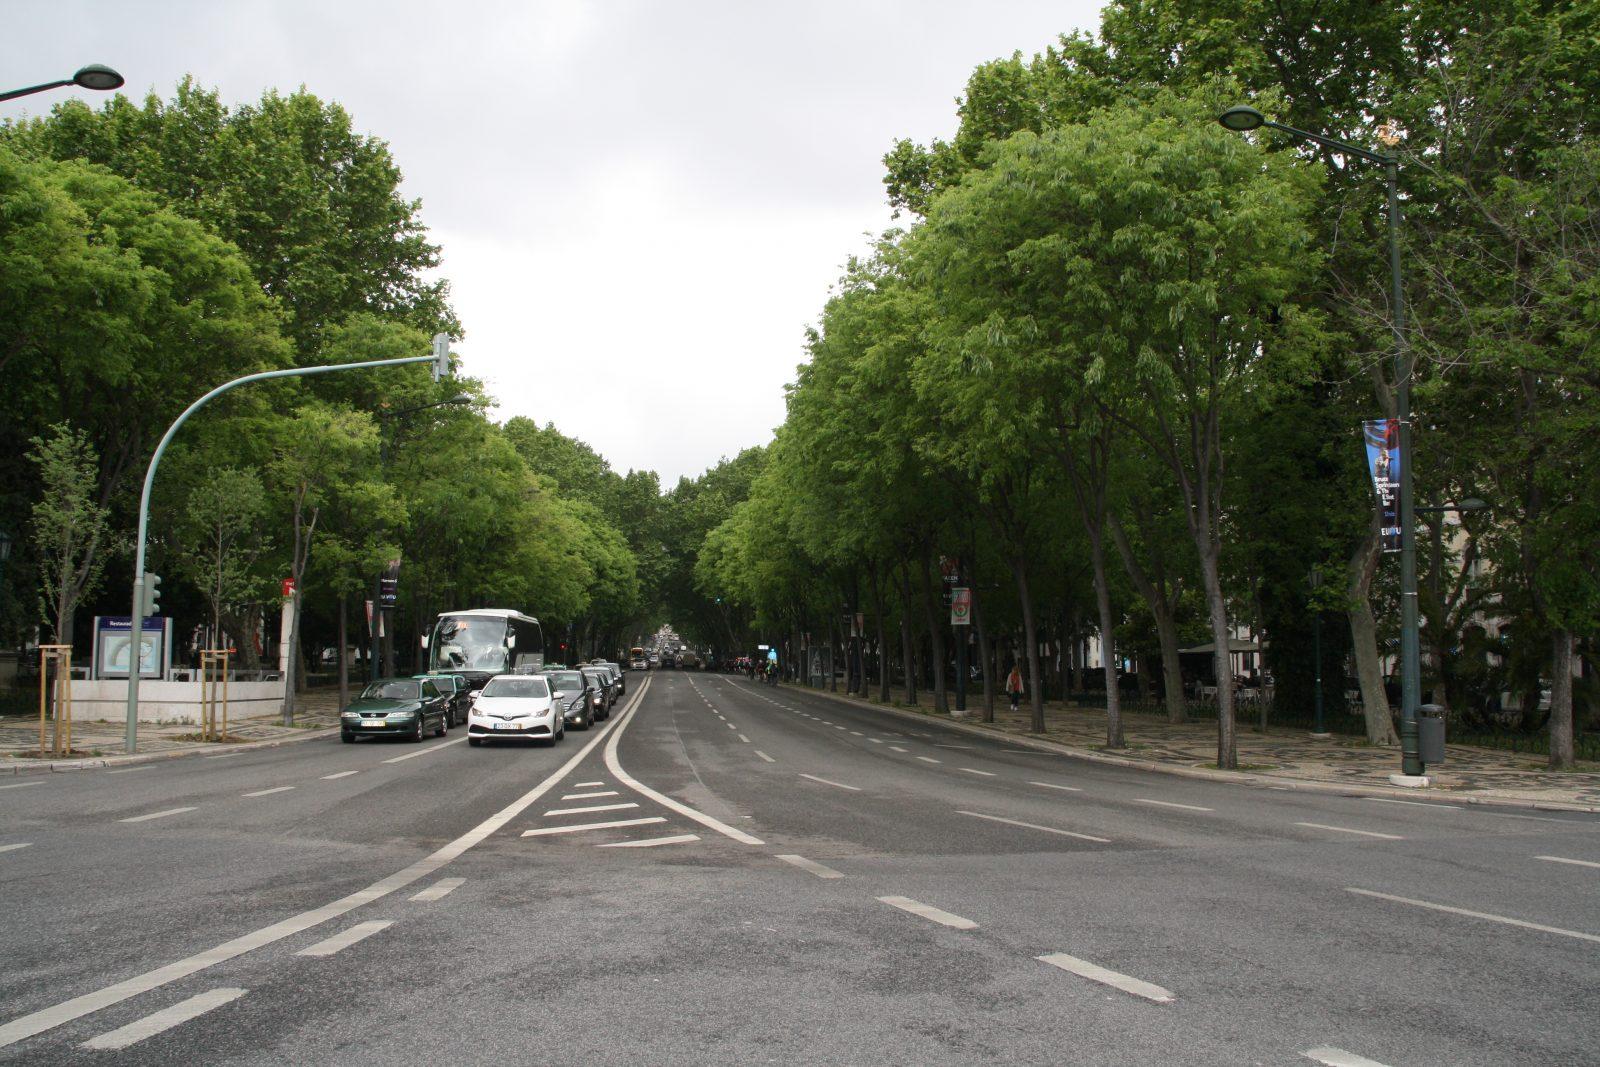 Avenida da Liberdade, Lissabon